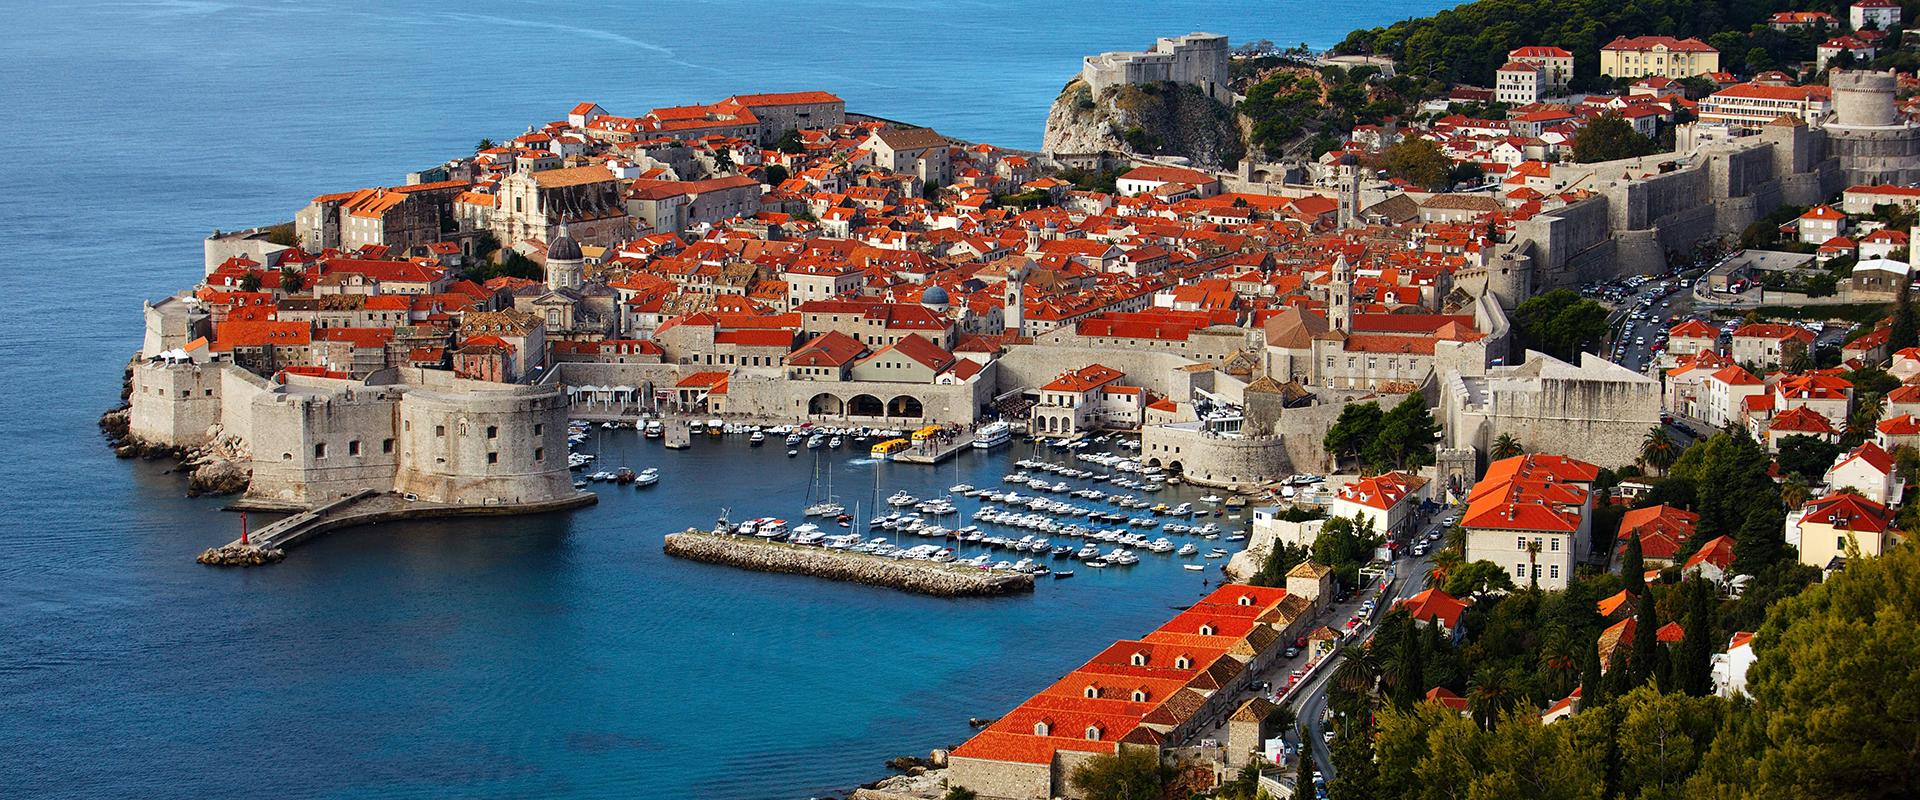 Une idée d'itinéraire au départ de Dubrovnik